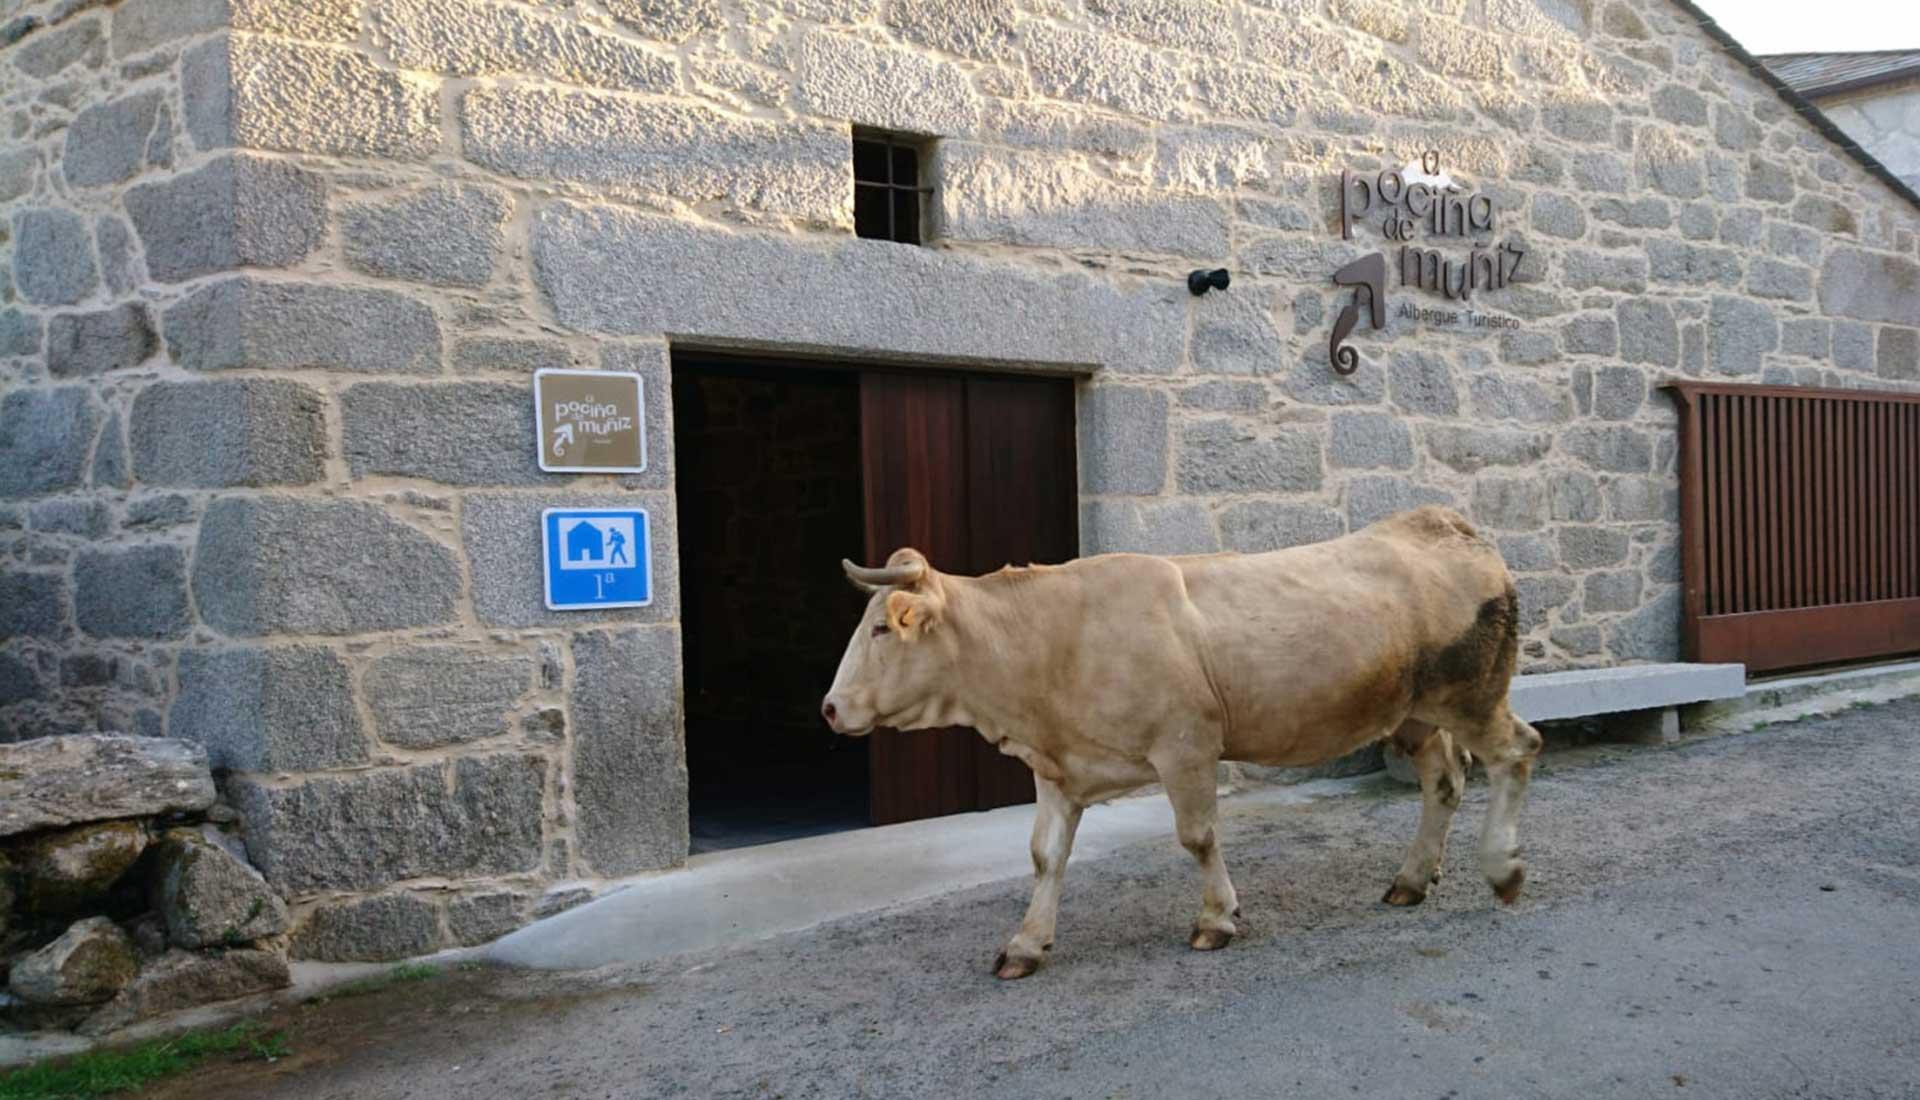 A Pociña de Muñiz. Albergue Turístico.